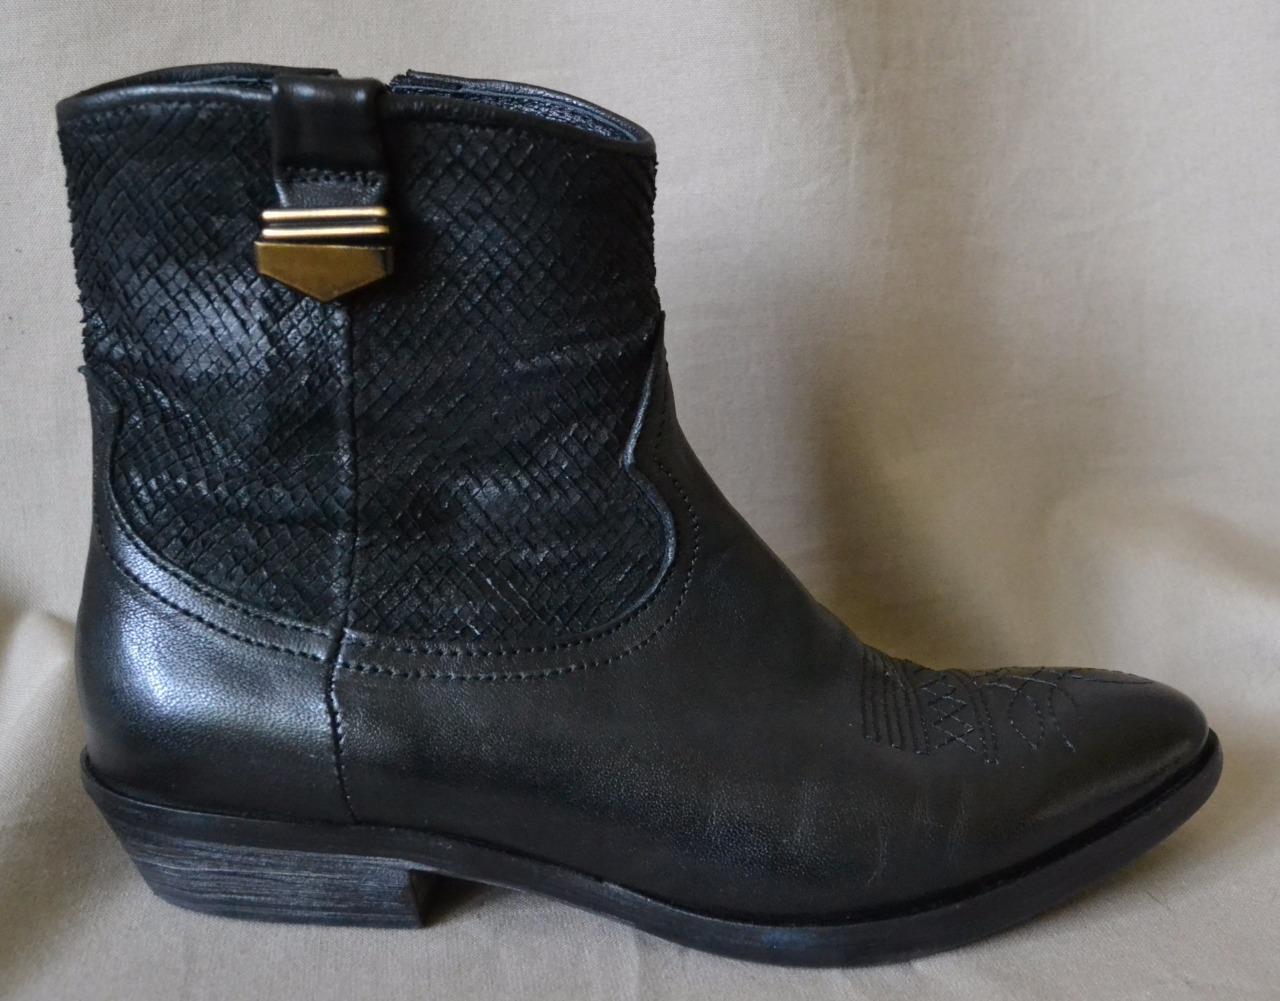 Kbr Schwarzes Leder Stiefeletten Größe 7 Leicht Sehr Leicht 7 Abgenutzt c75e4f